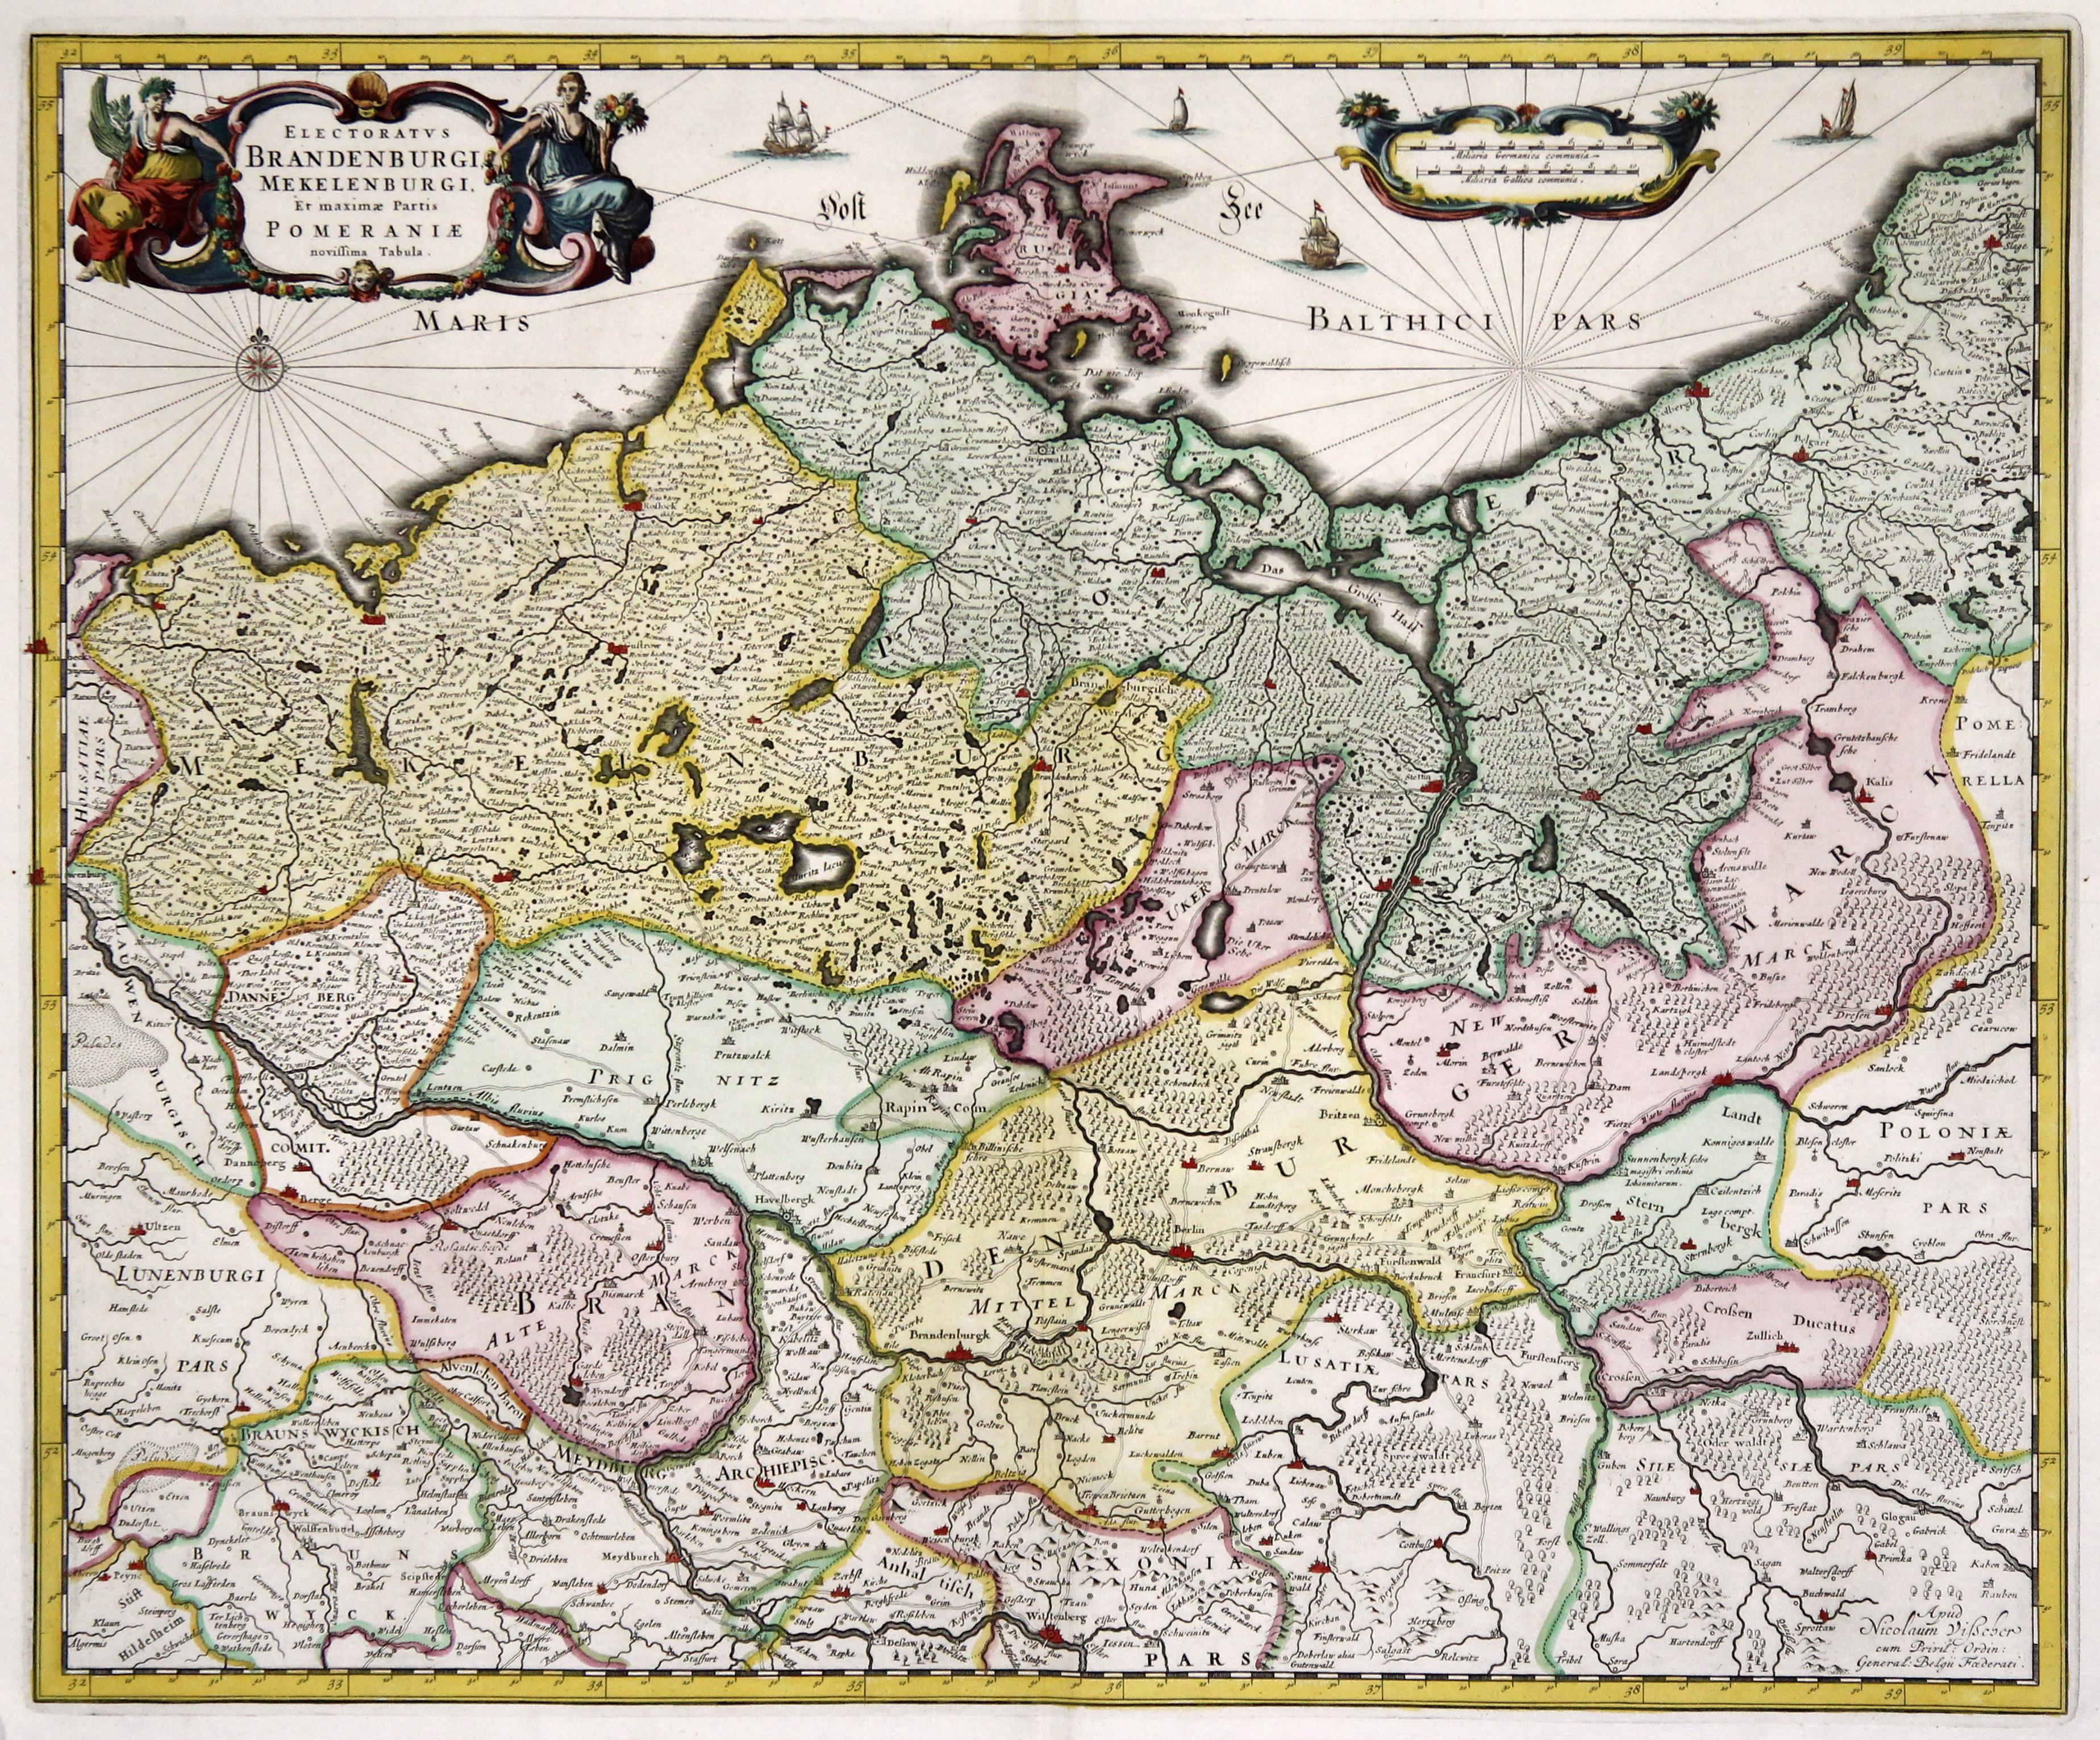 Liefern Rare Original Antike Landkarte Württemberg Von 1689 Frederick De Wit Baden-württemberg